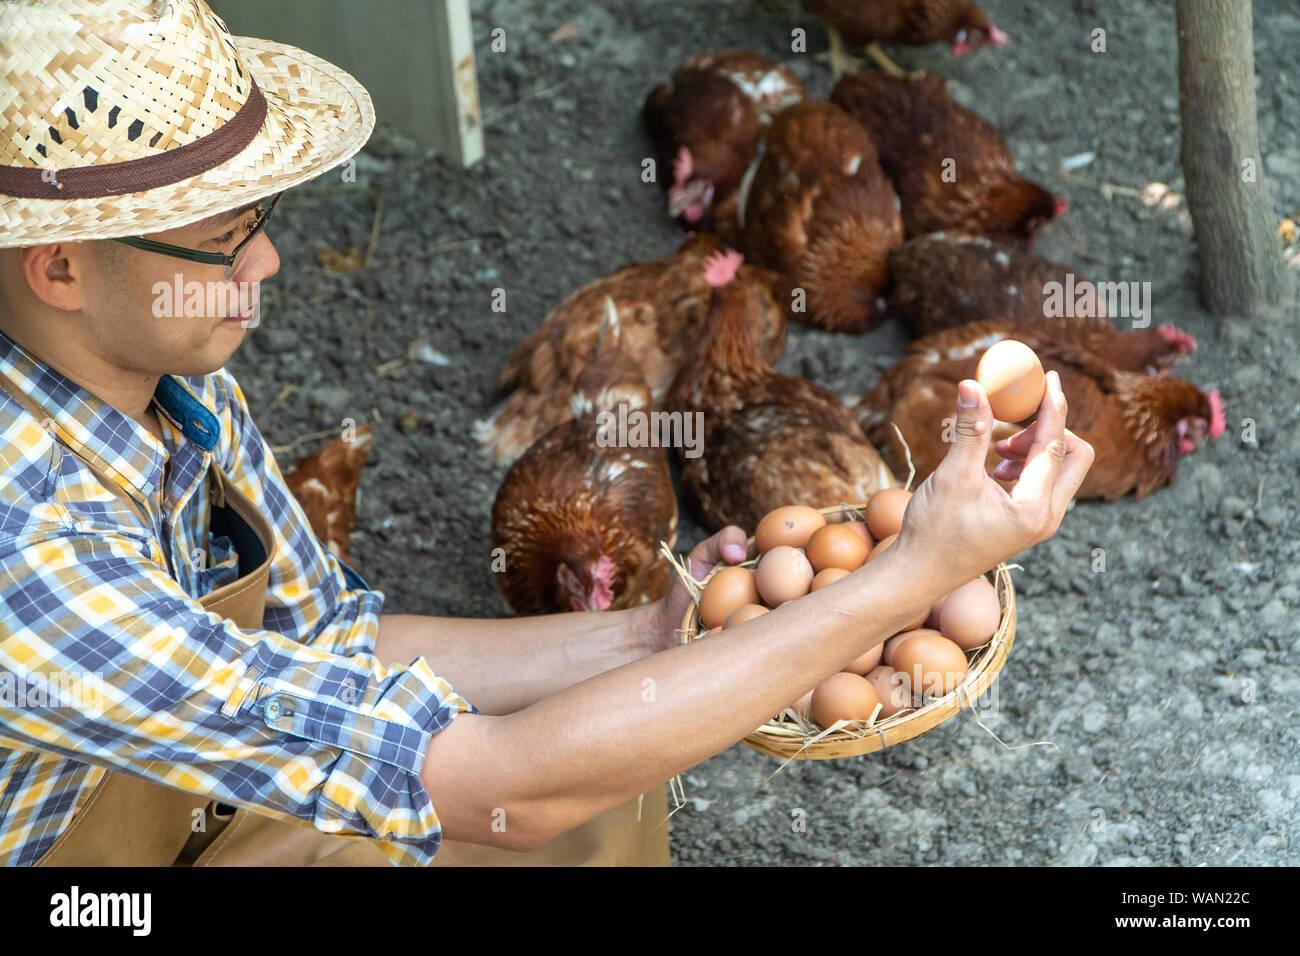 Joven agricultor inteligente plaid desgaste camisa manga larga delantal marrón están sujetando el pollo fresco huevos en canasta en una granja de pollos en él área de inicio Foto de stock